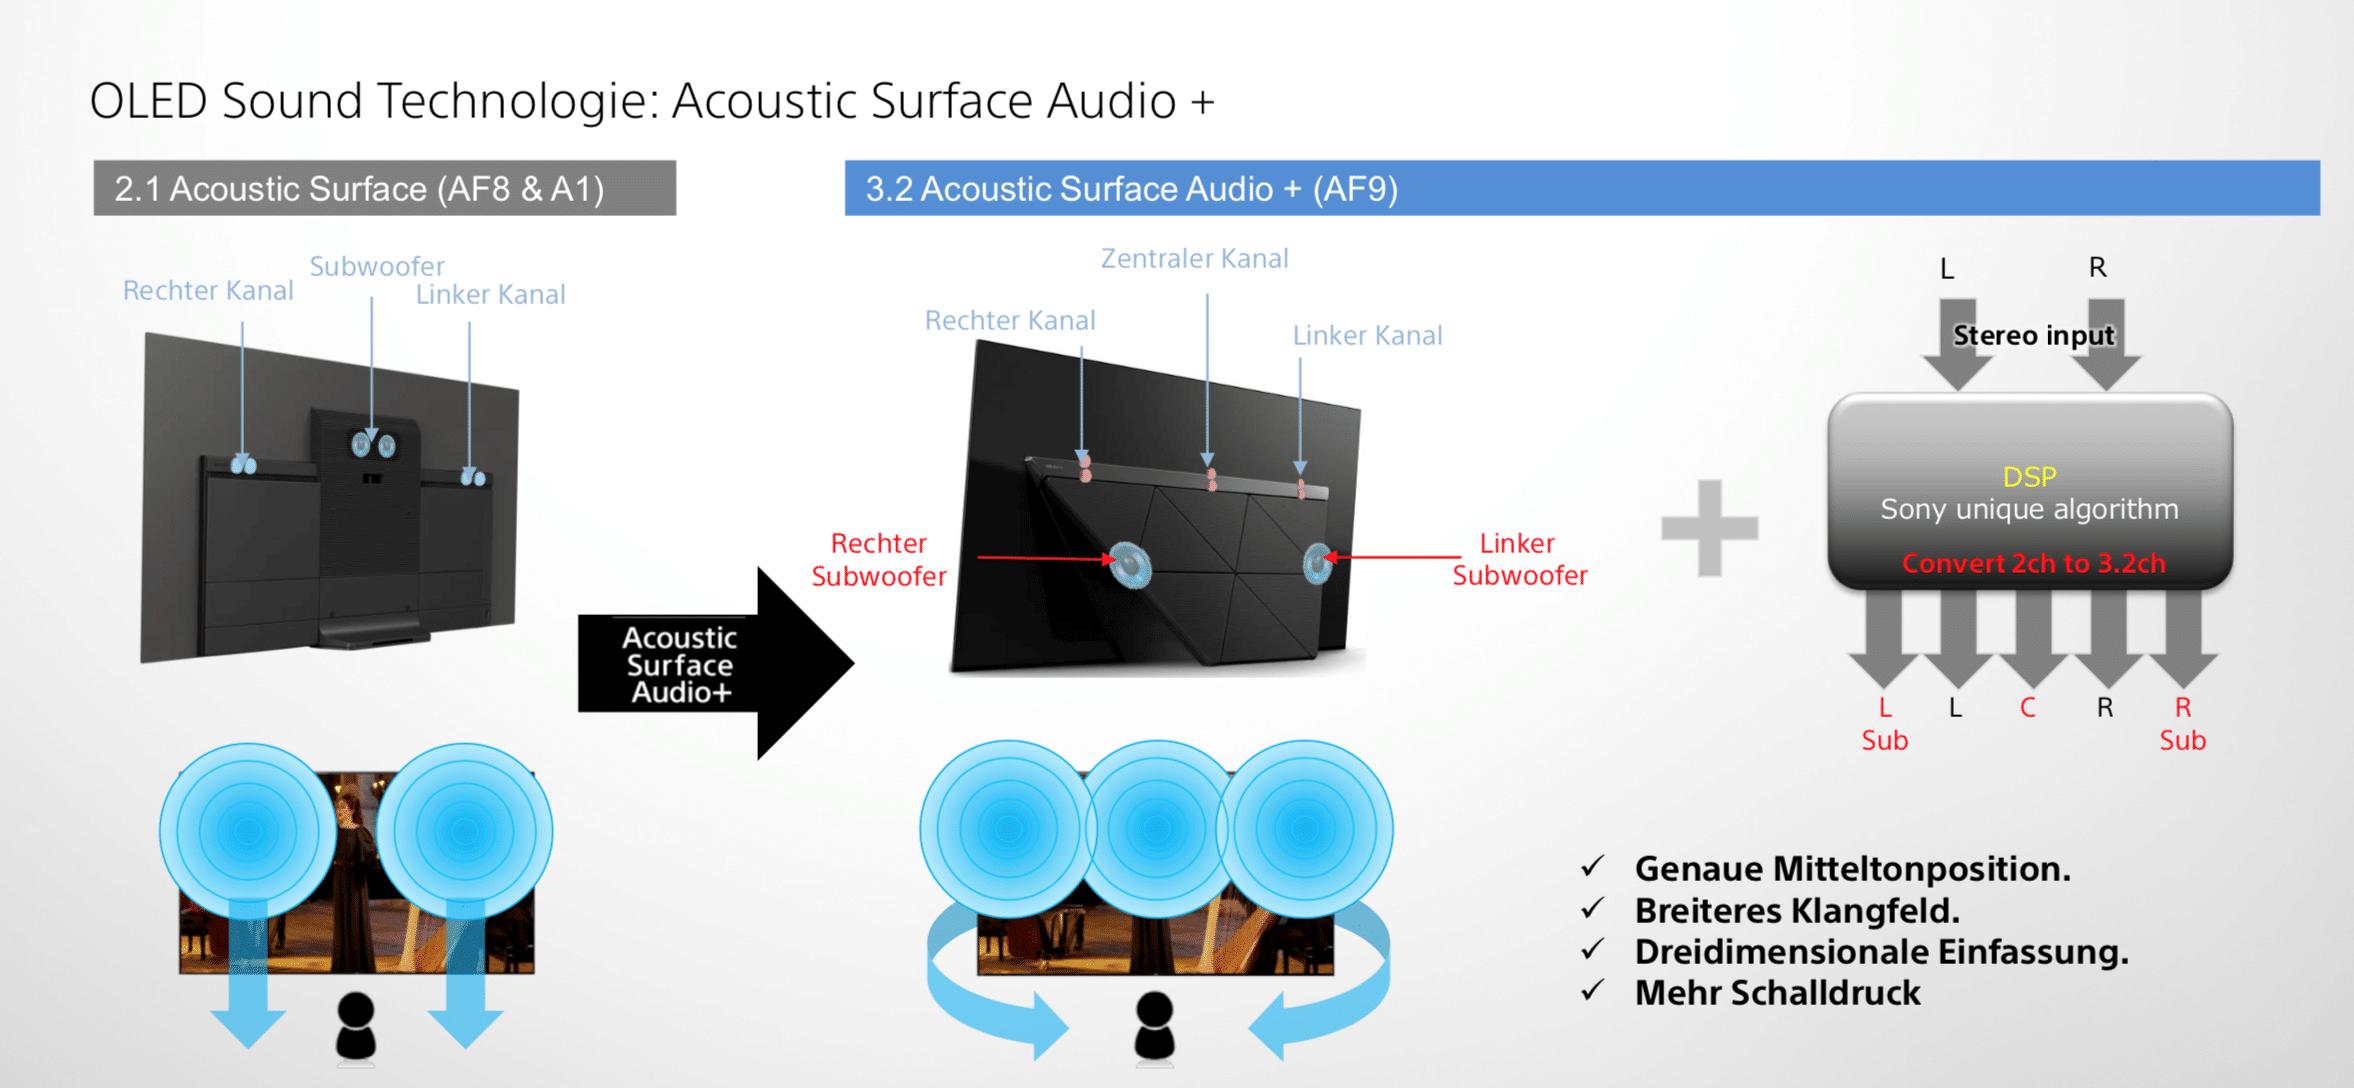 Mit der Acoustic Surface Audio+ Technologie wird das Display zum Lautsprecher. Sound und Dialoge kommen also genau aus der Richtung, aus der sie vom Zuhörer visuell wahrgenommen werden!